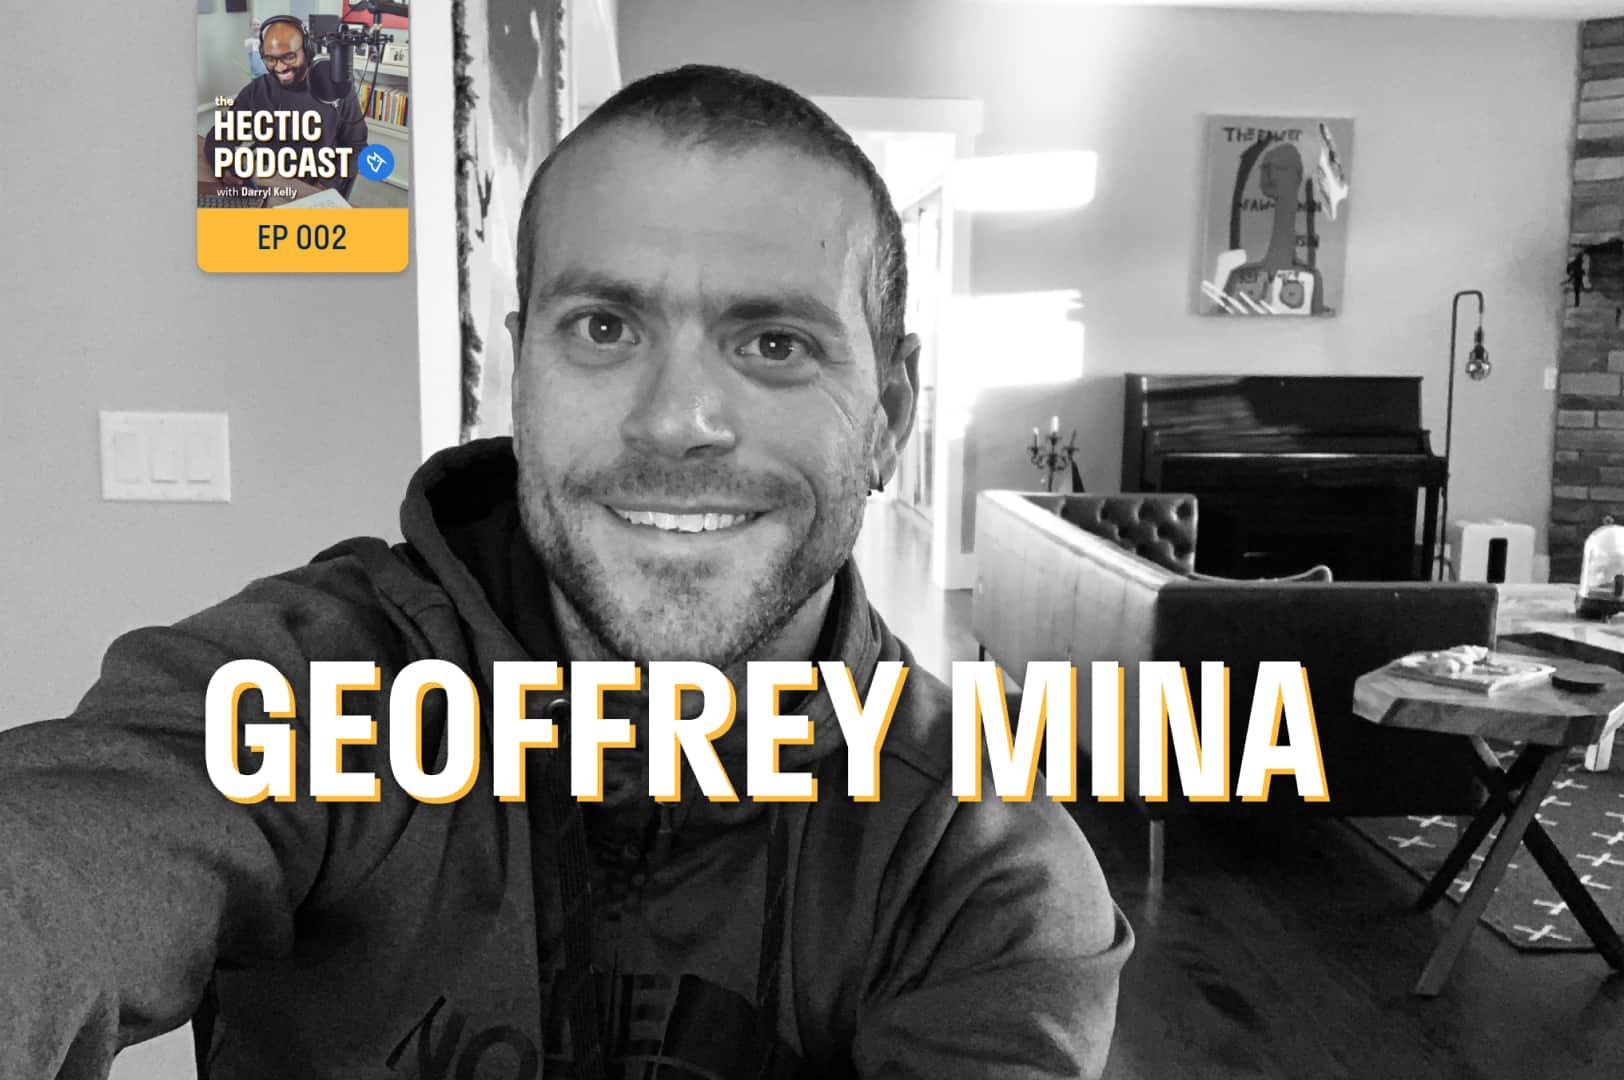 Geoffrey Mina